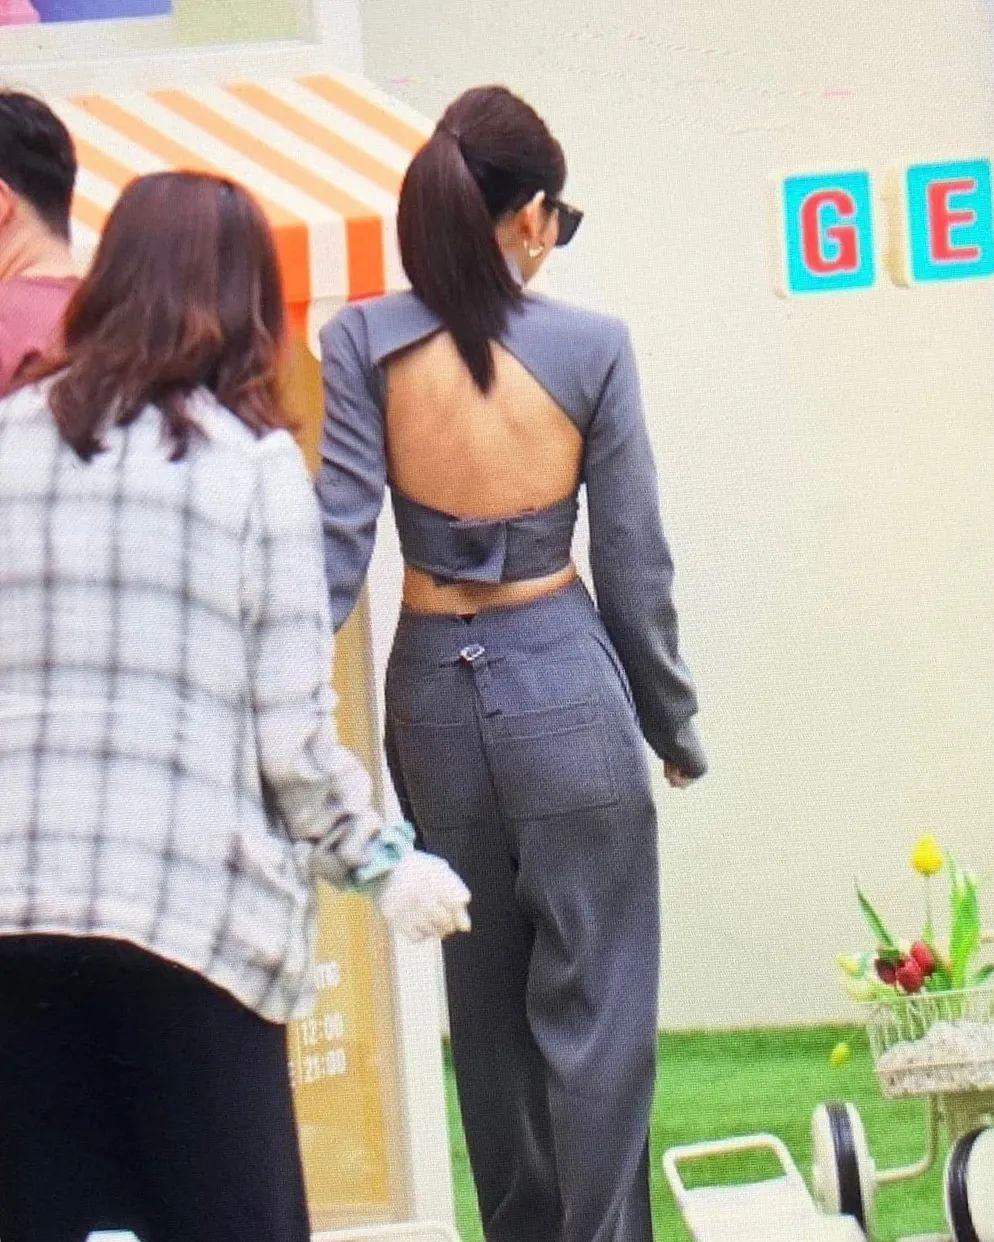 Jennie简直太辣了!穿交织西装大秀美背、小蛮腰,难怪火上热搜